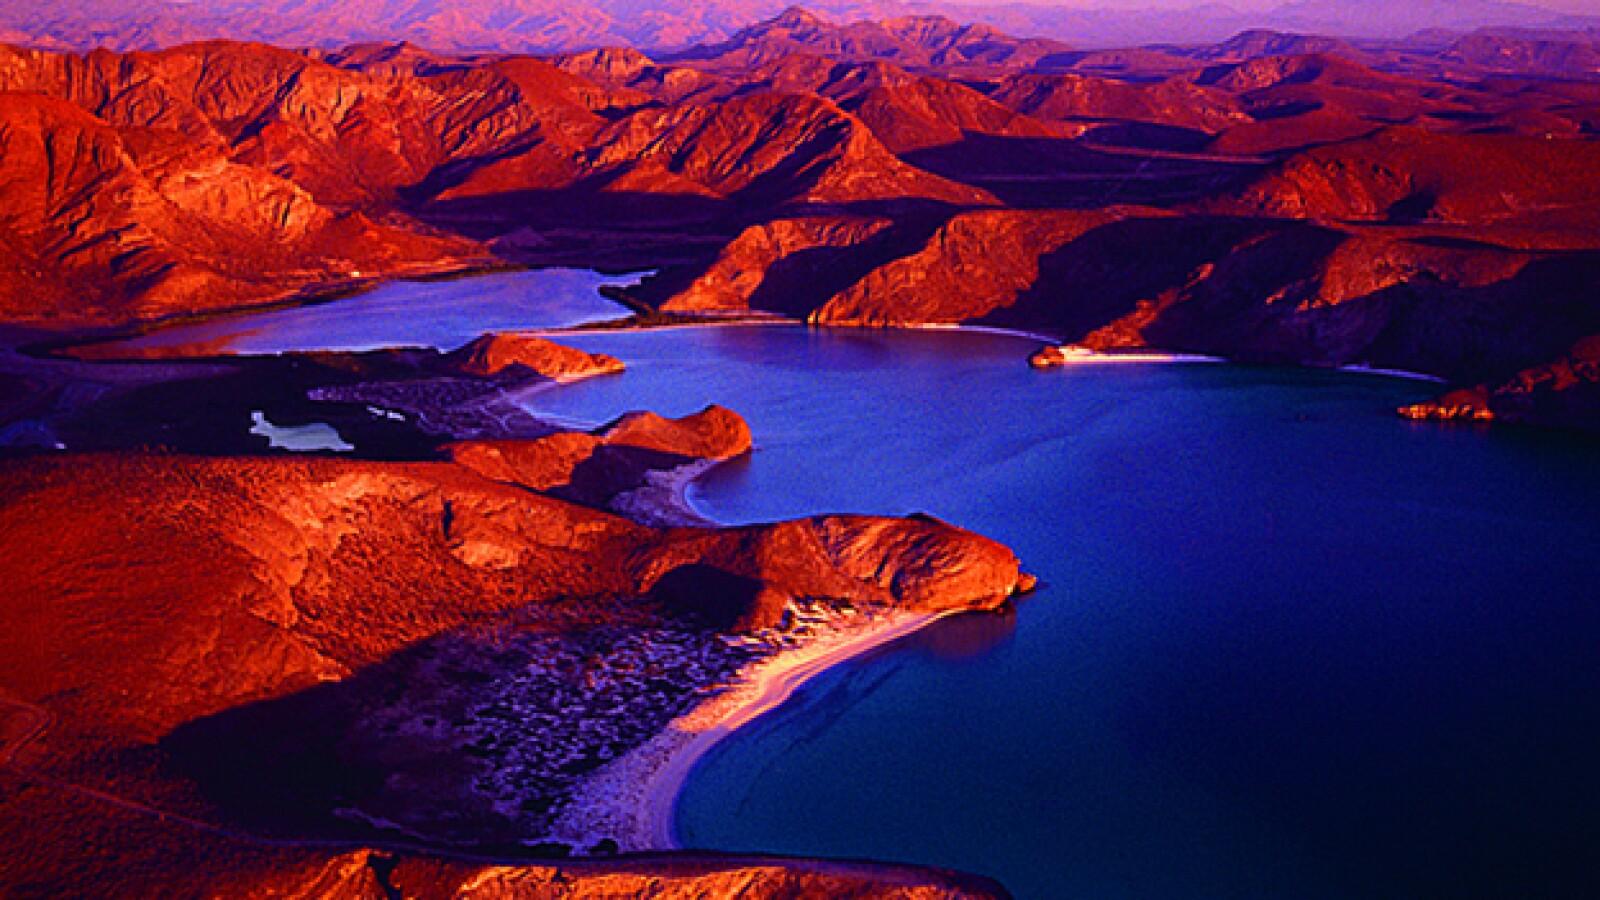 La puesta de sol en la Bahía de Balandra, Baja California Sur combina el brillo de los rayos en las montañas con las sombras de la noche.